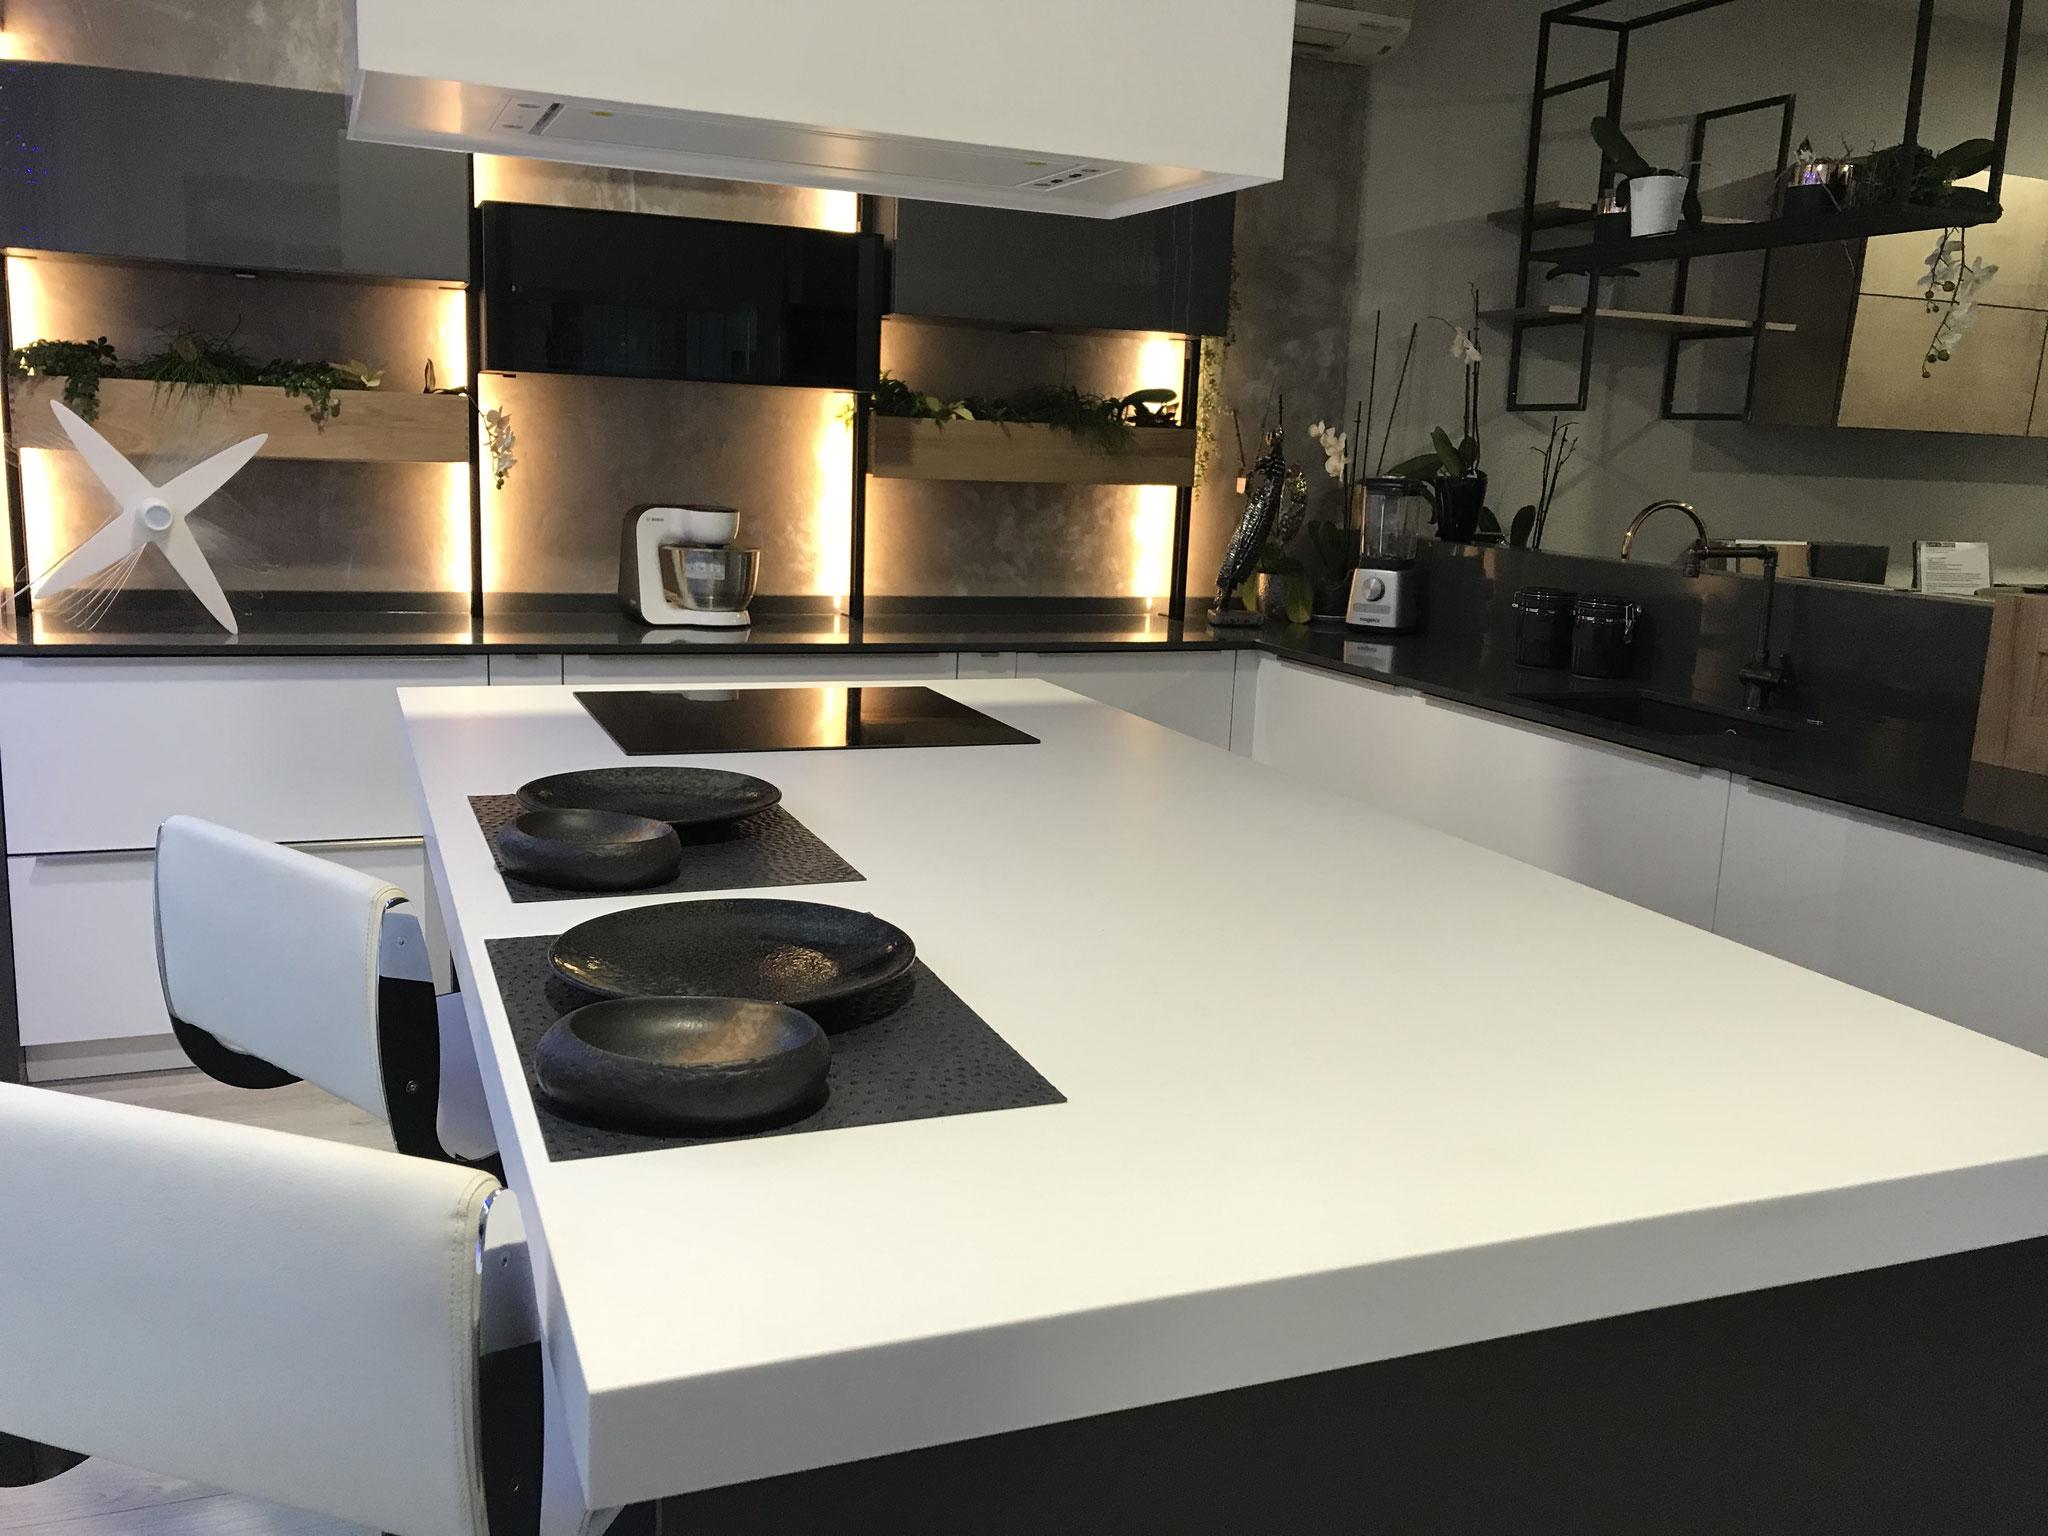 nouveauté 2020 cuisine style industrielle exposée au showroom Cuis'in Design Toulouse